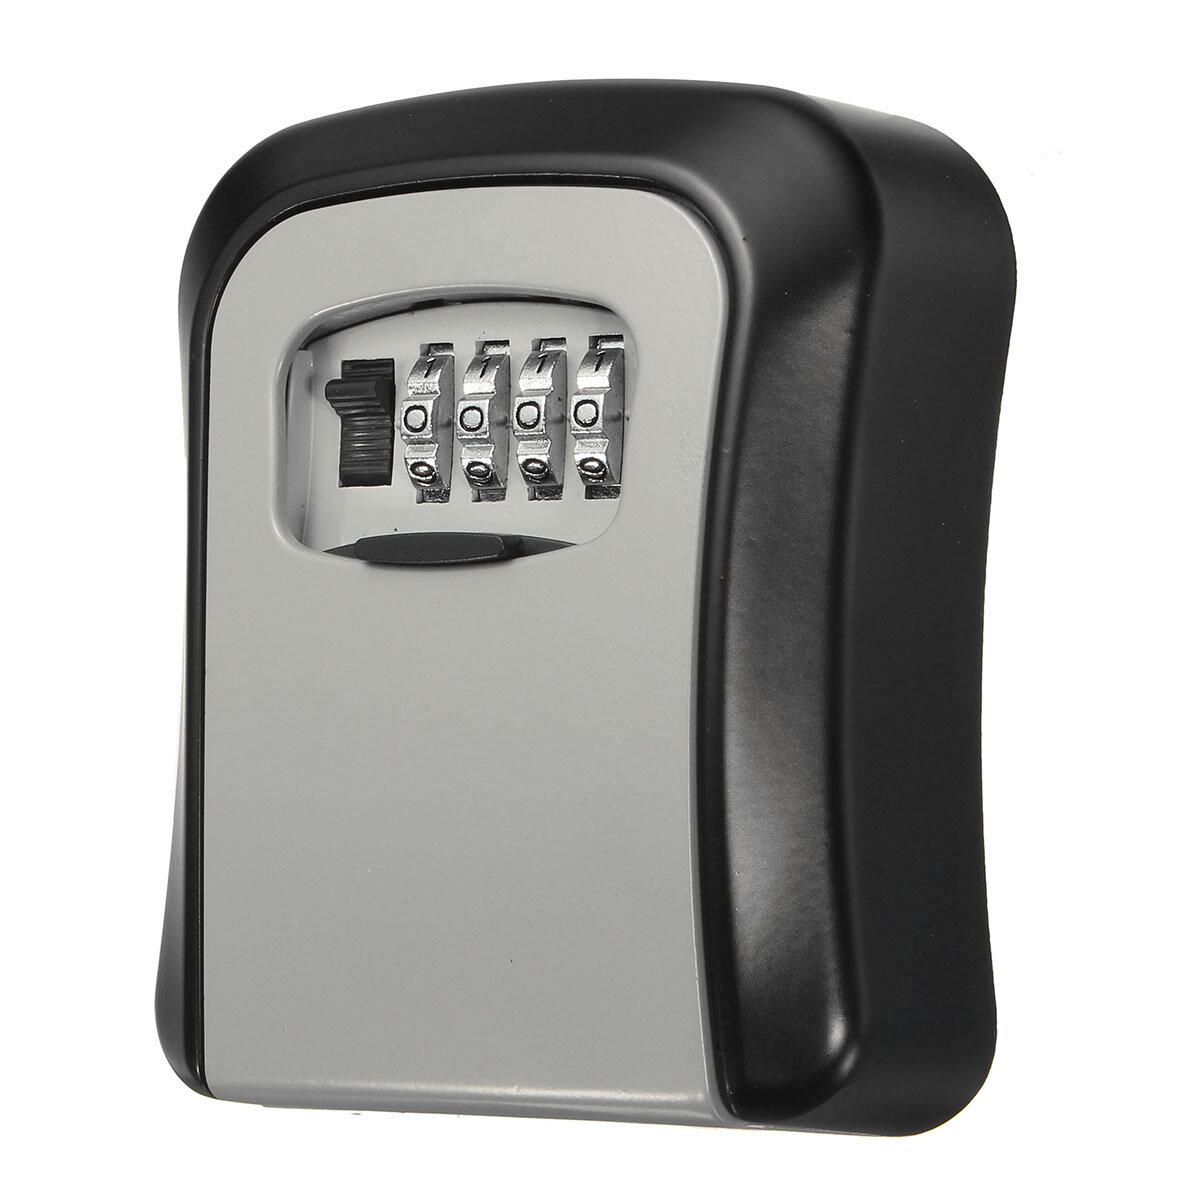 Sichere Sicherheit Outdoor Storage Key ausblenden Safe Box an der Wand befestigt Combination Lock Lockout